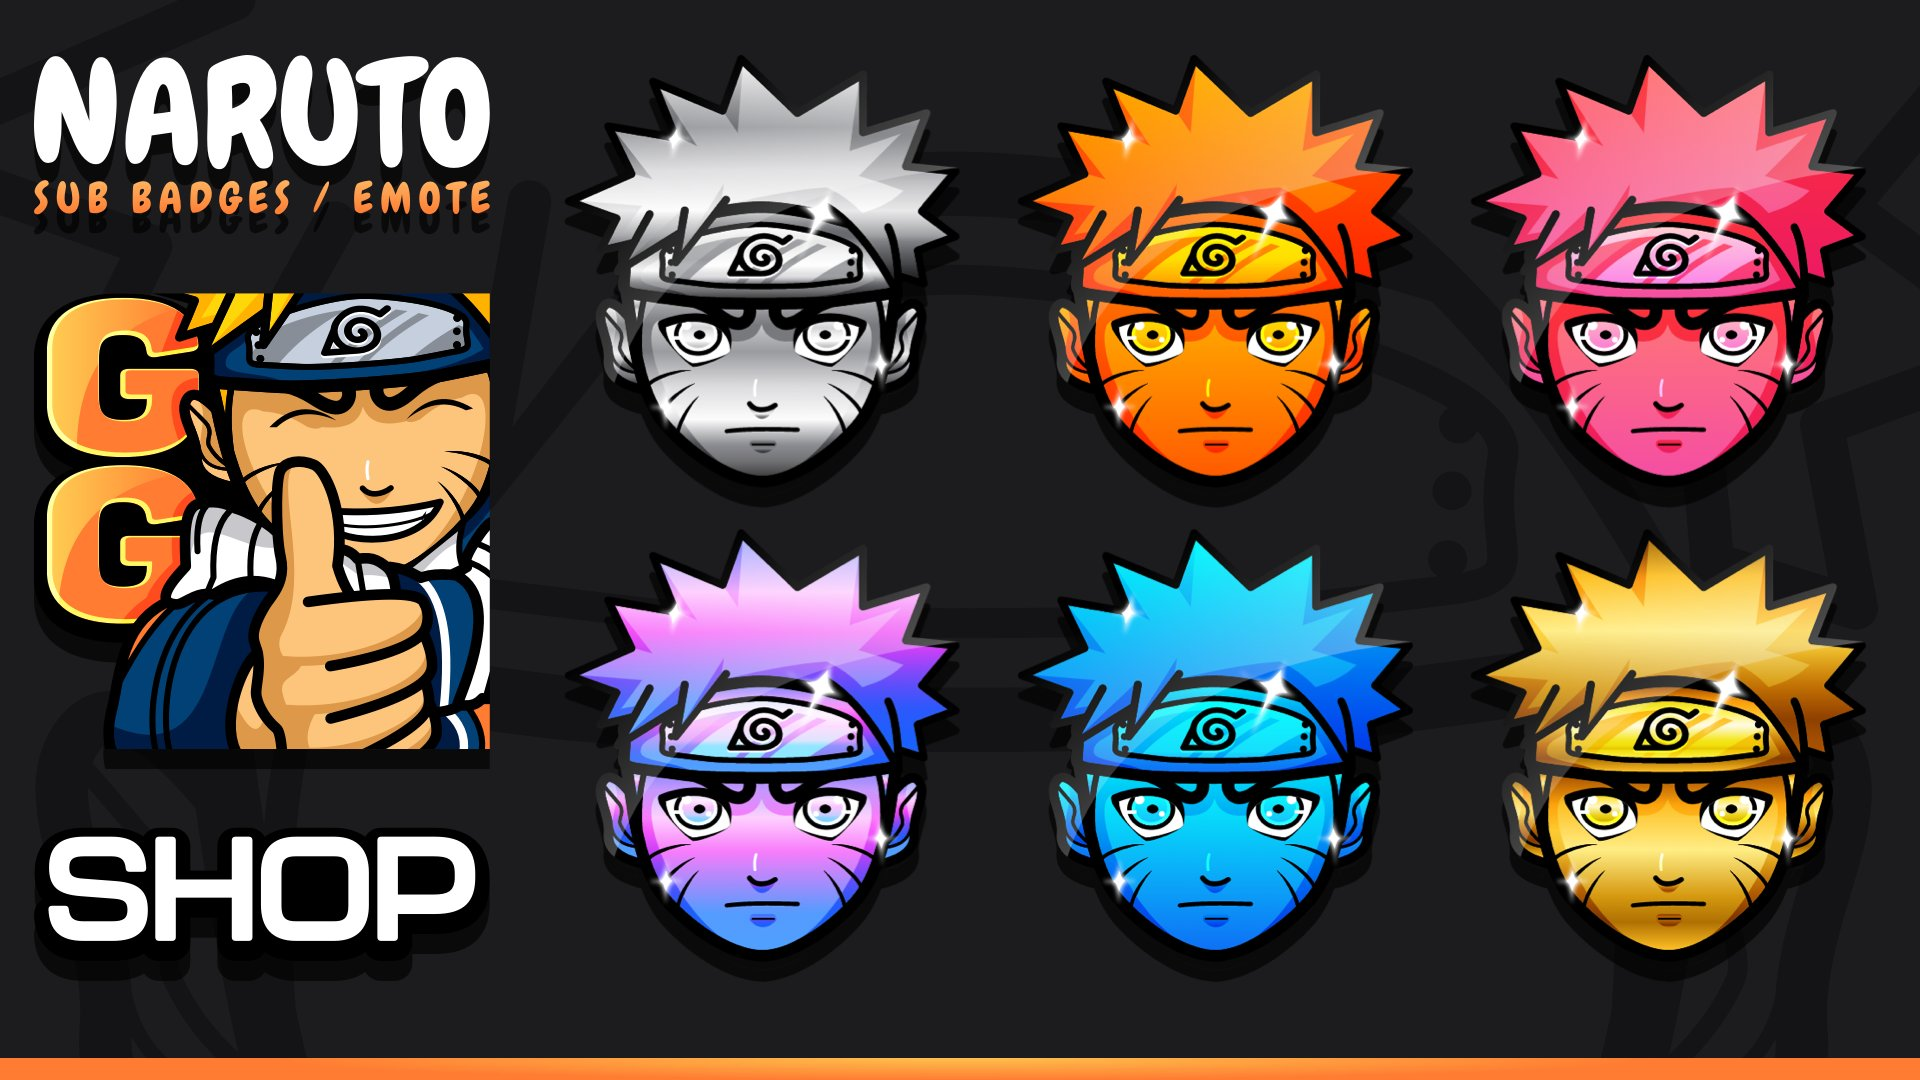 Narutosub